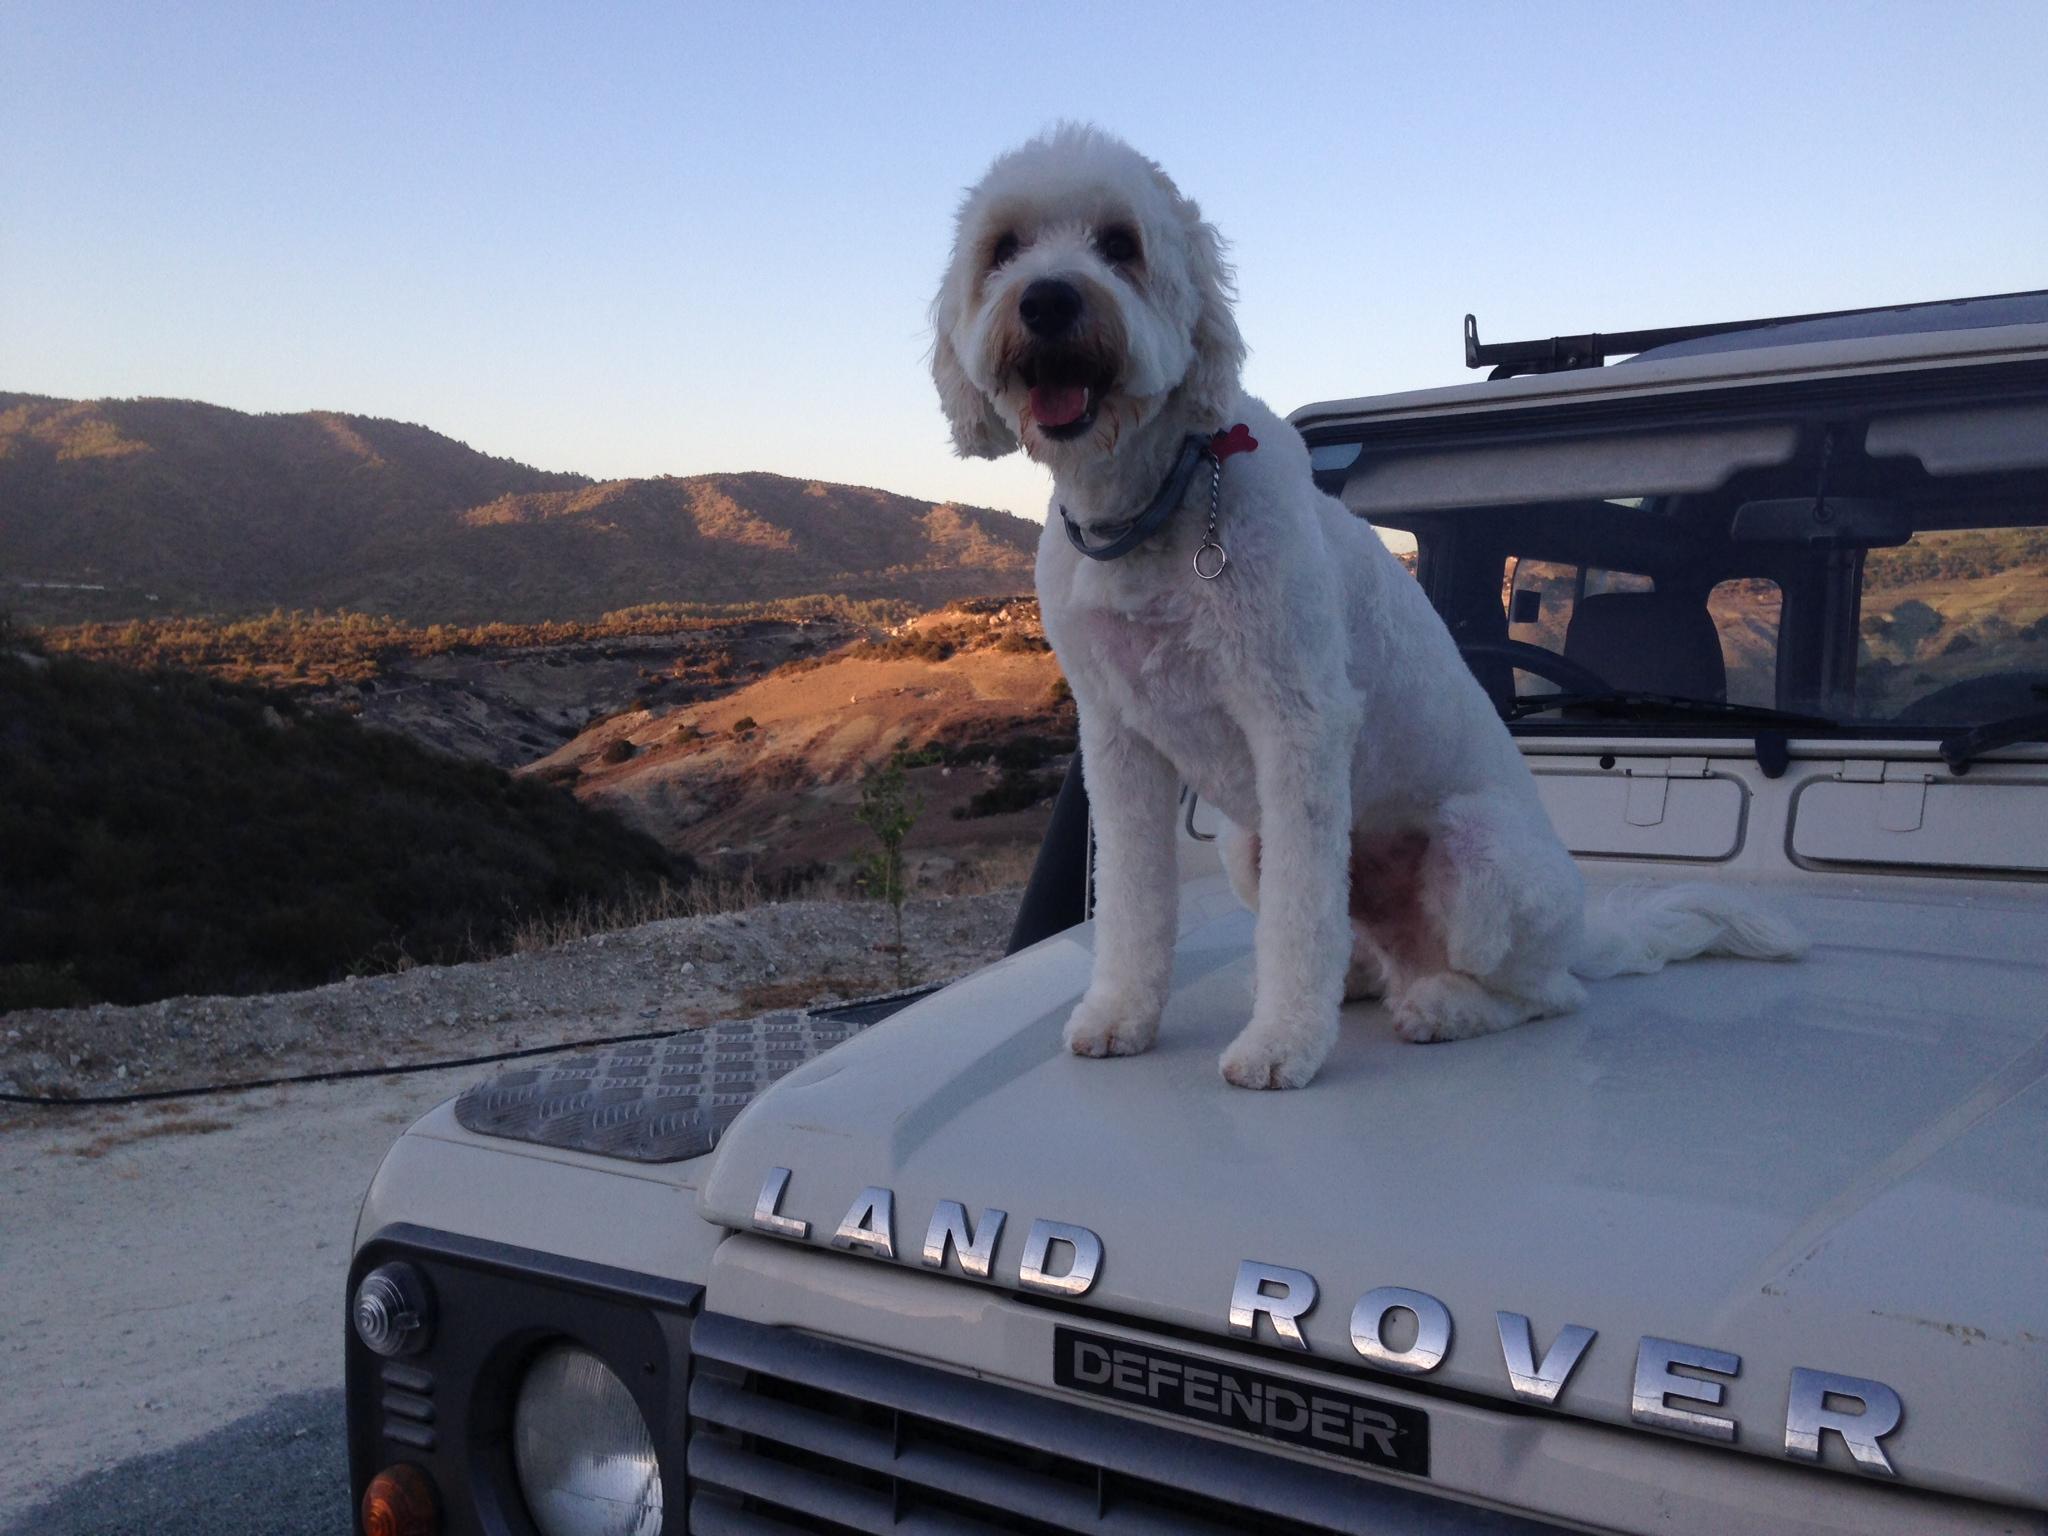 dog_ranch_cyprus_dog_hotel_sunset_mailo.JPG